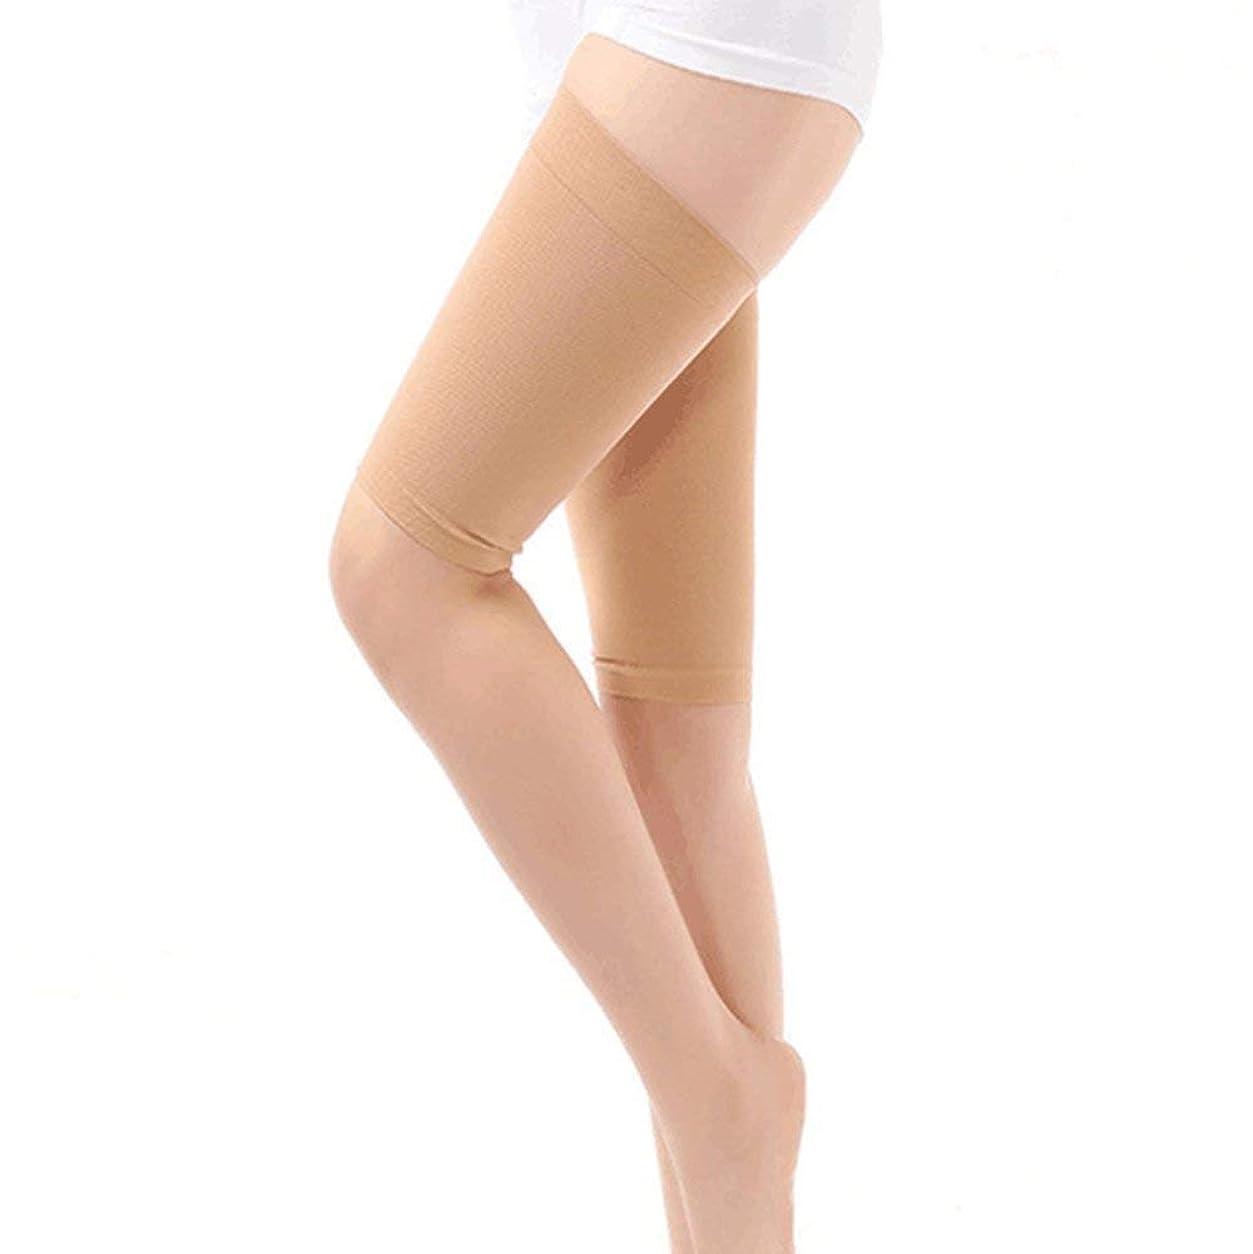 アルバムフィードオン限定太もも燃焼 むくみ セルライト 除去 婦人科系 に作用 両足セット肌の色